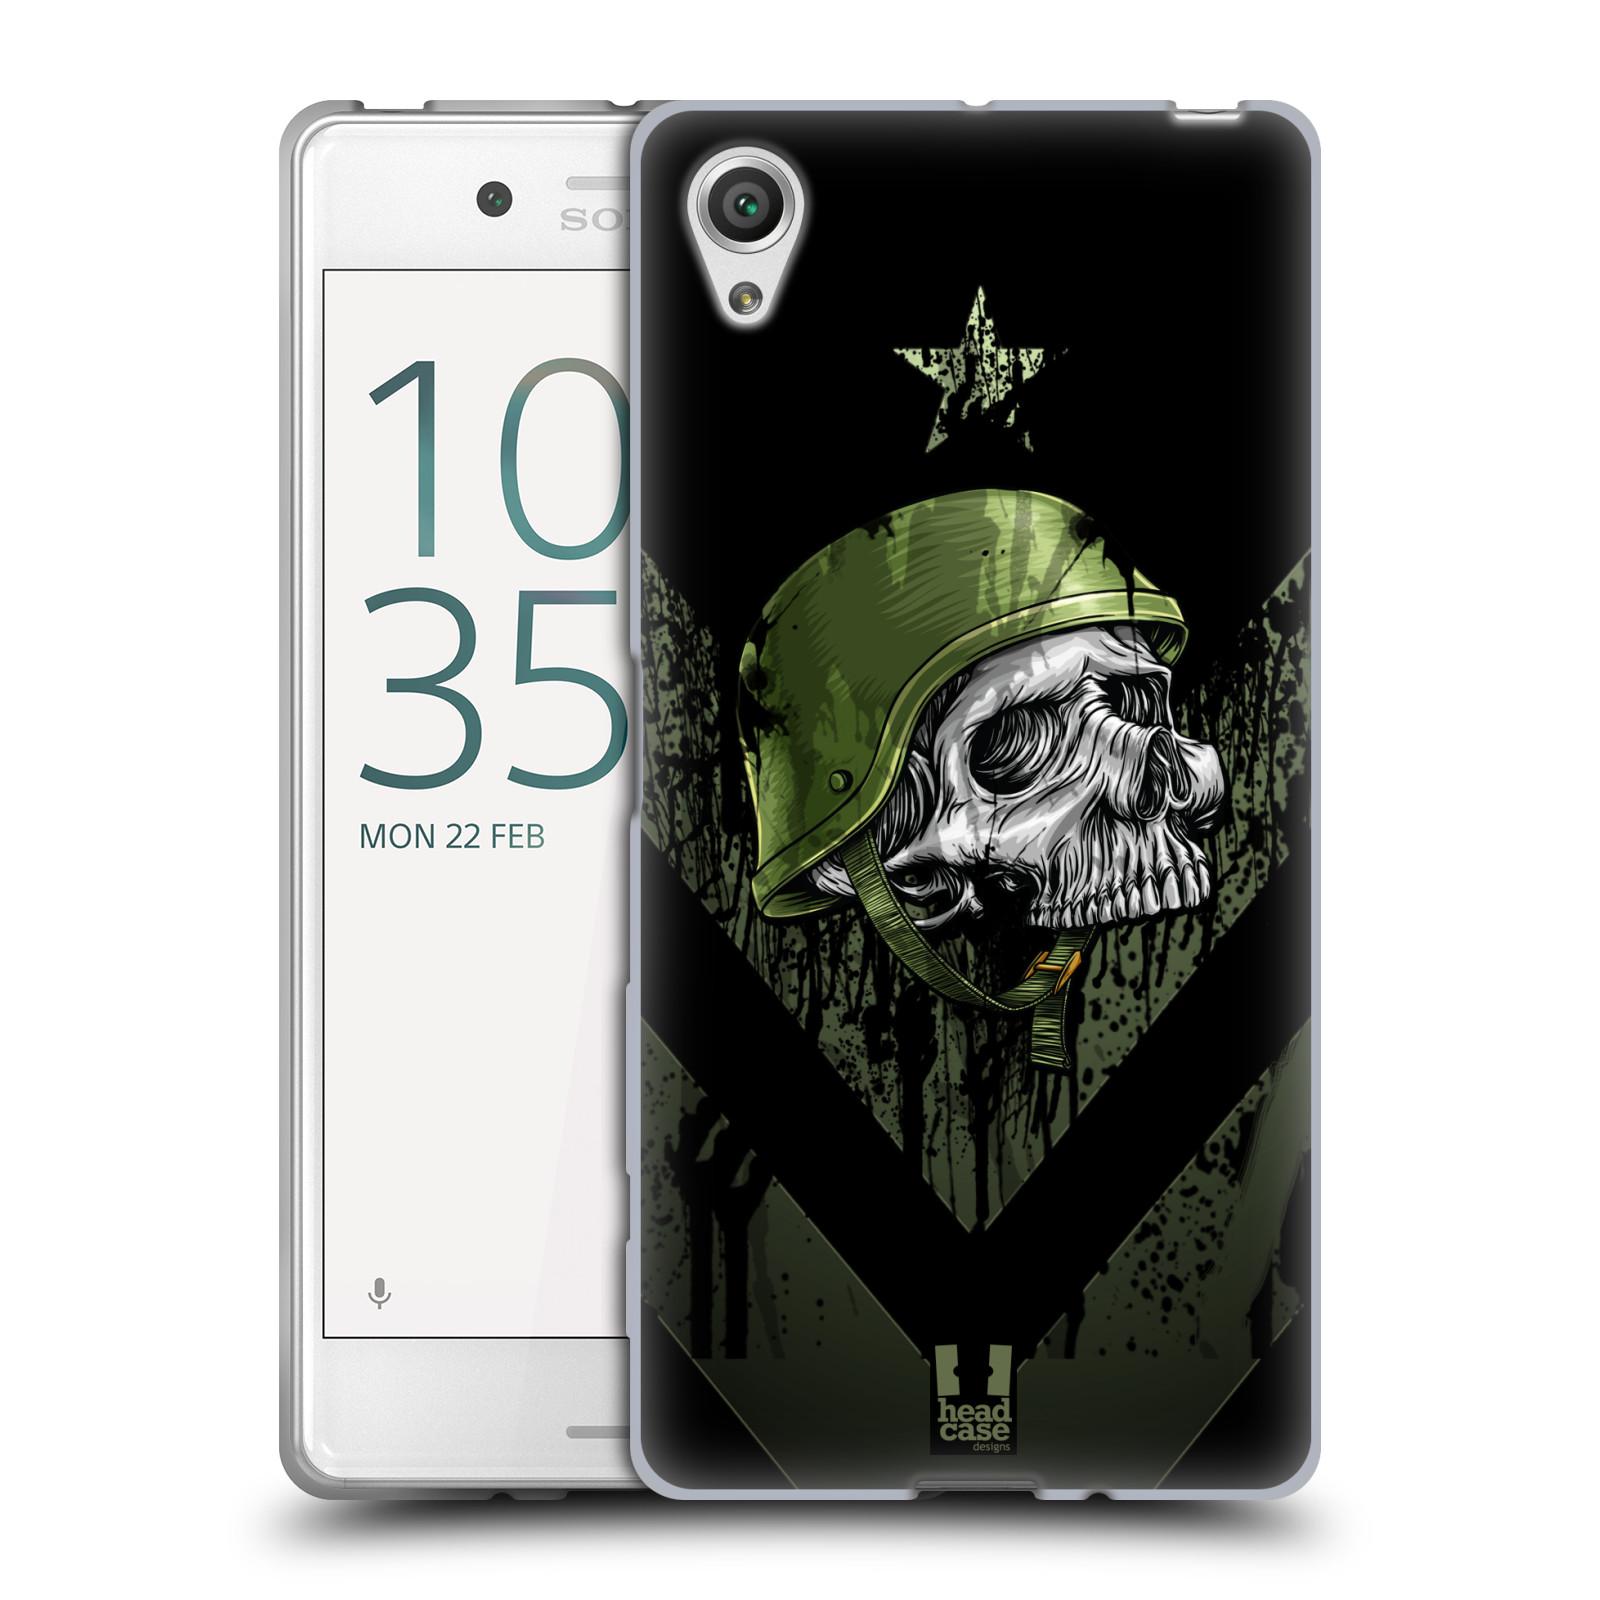 Silikonové pouzdro na mobil Sony Xperia X HEAD CASE LEBKA ONE MAN